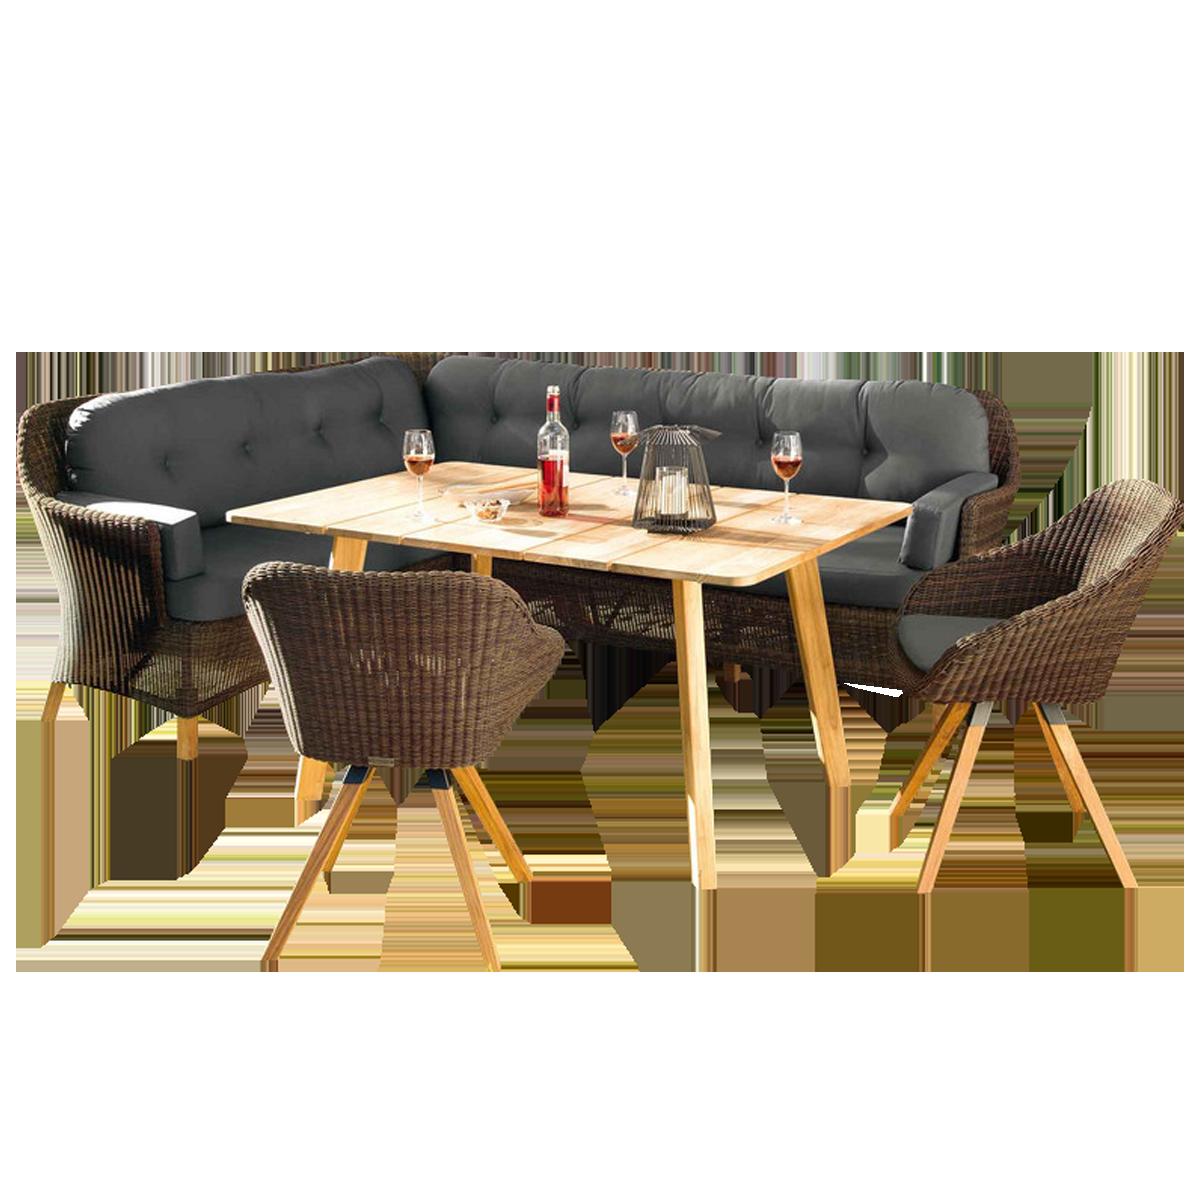 Niehoff Garden Nizza Loungegruppe Mit Dining Lounge Und Zwei Stuhlen Mit Geflecht In Viro Red Pine Und Mit Tisch In Teak Massivholz 6 Teiliges